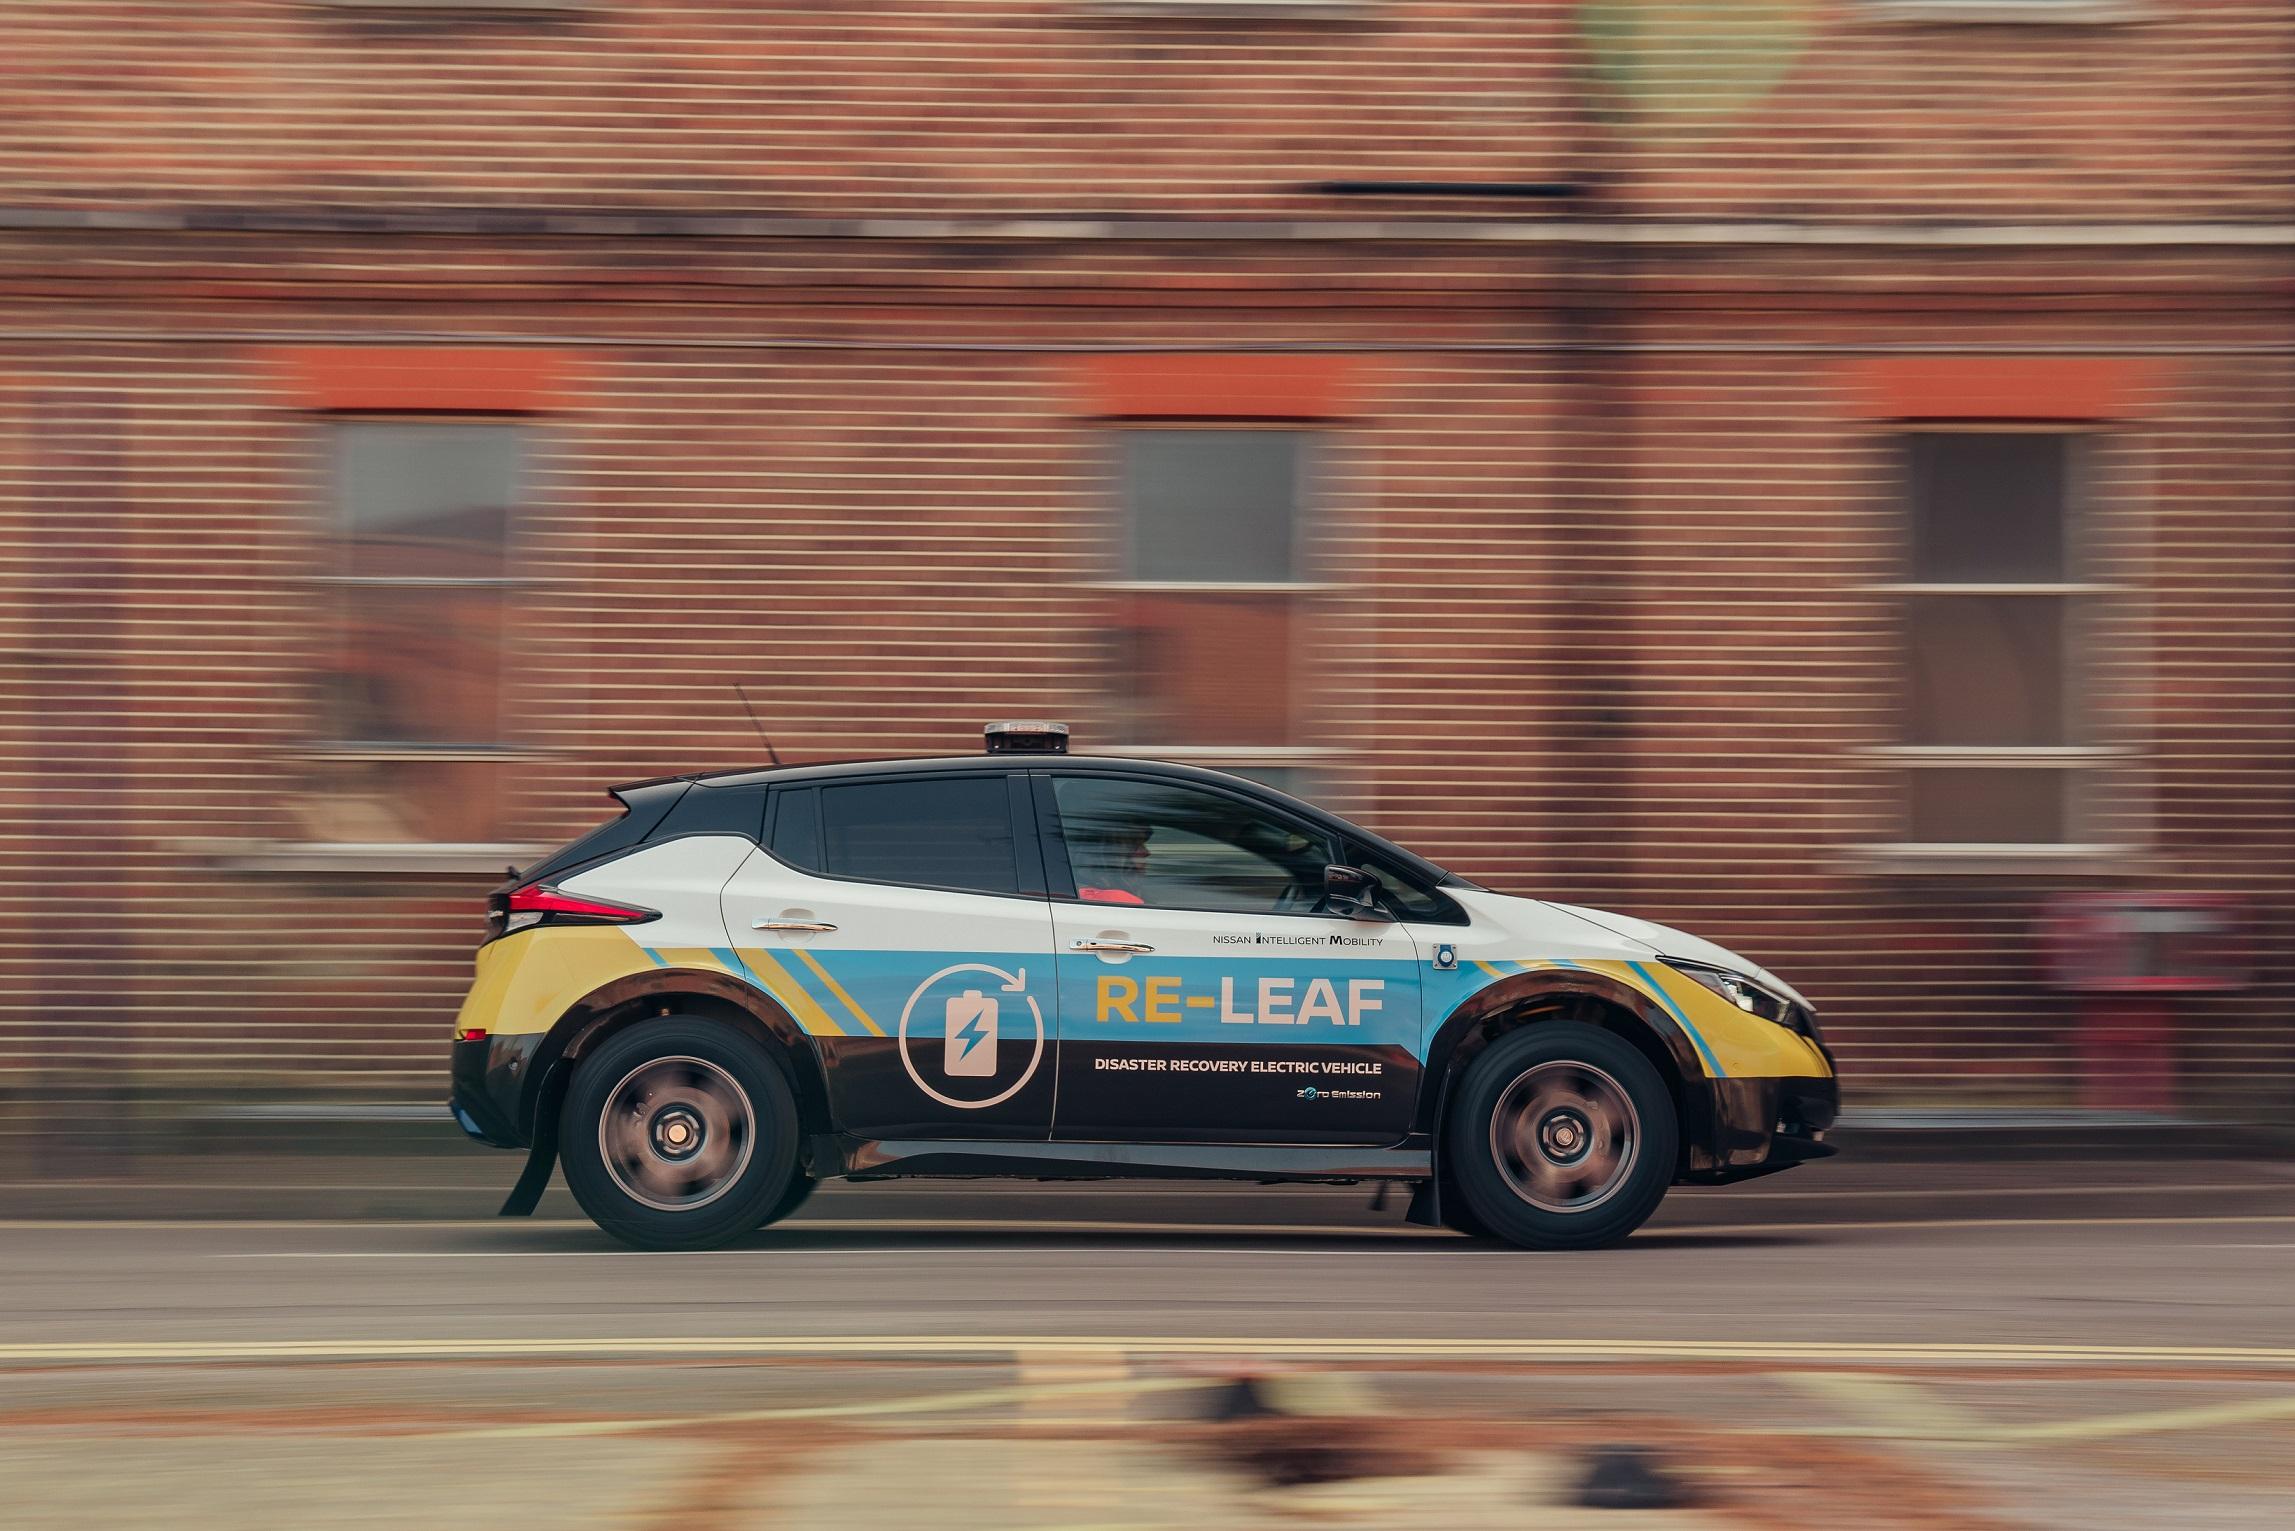 نيسان RE-LEAF